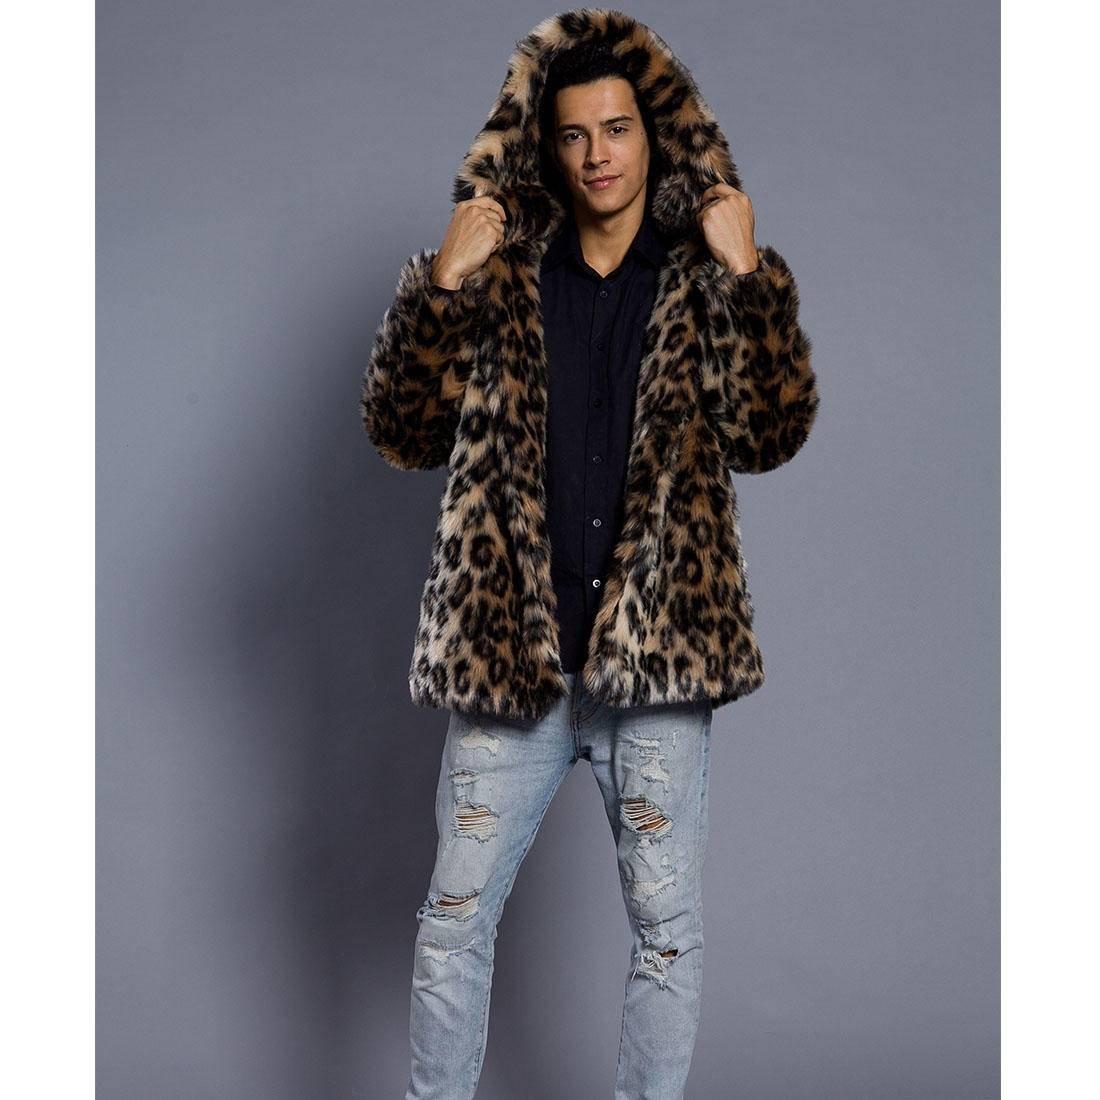 Pelzmantel Mit Kapuze Kunst Kunst Kunst Felljacke Herren Leopard Muster Design Wind Coat,AKAUFENG Winterjacke Mantel Kunstpelz lange Jacke Faux Fur B076ZSFQ6Z Mntel Saisonale Förderung 92662f